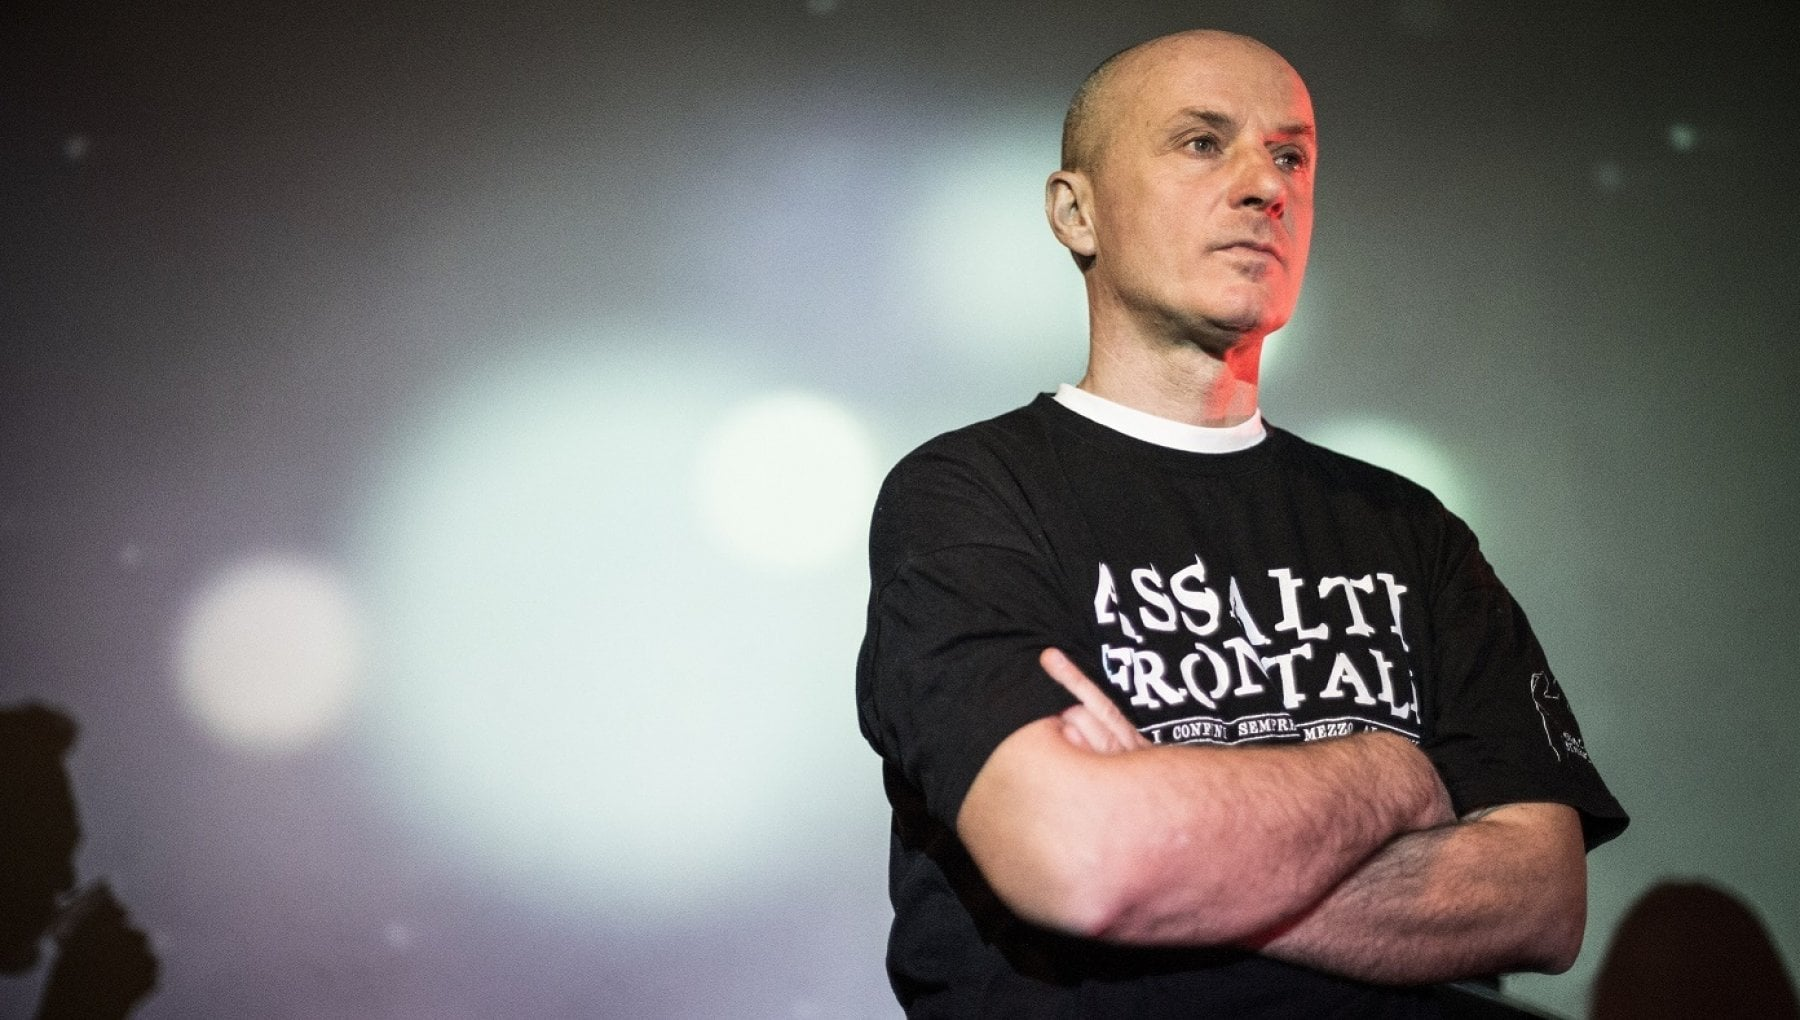 Trentanni di Assalti Frontali tra hip hop e impegno Ce ancora chi cerca di cambiare il mondo